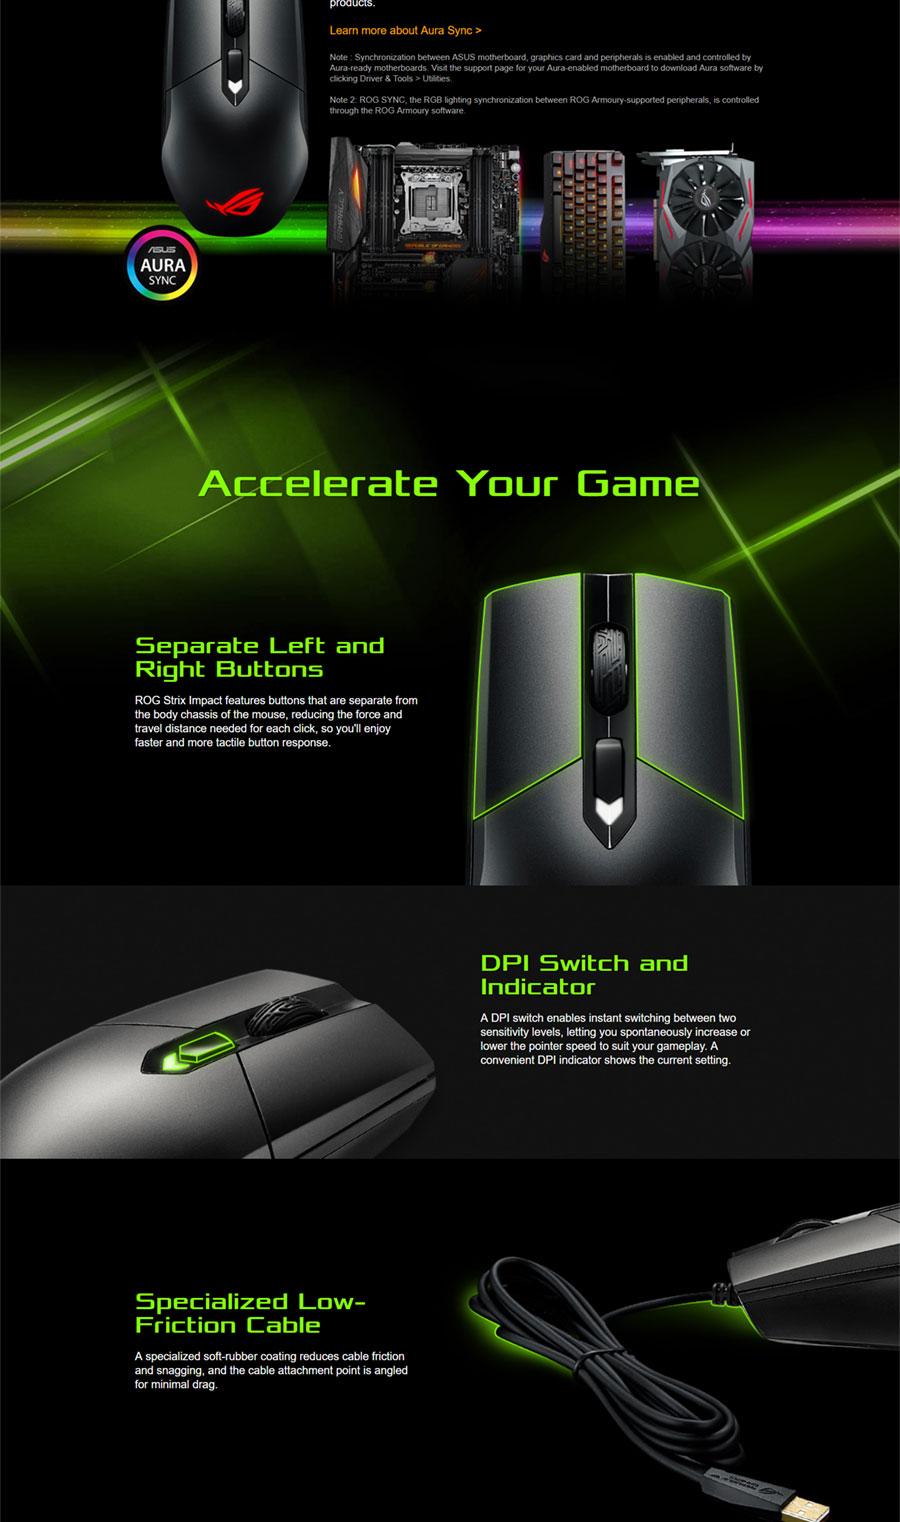 Asus P303-ROG-STRIX-IMPACT P303 ROG Strix Impact RGB Gaming Mouse, 5000  DPI, 130 IPS, 2 Meter Rub